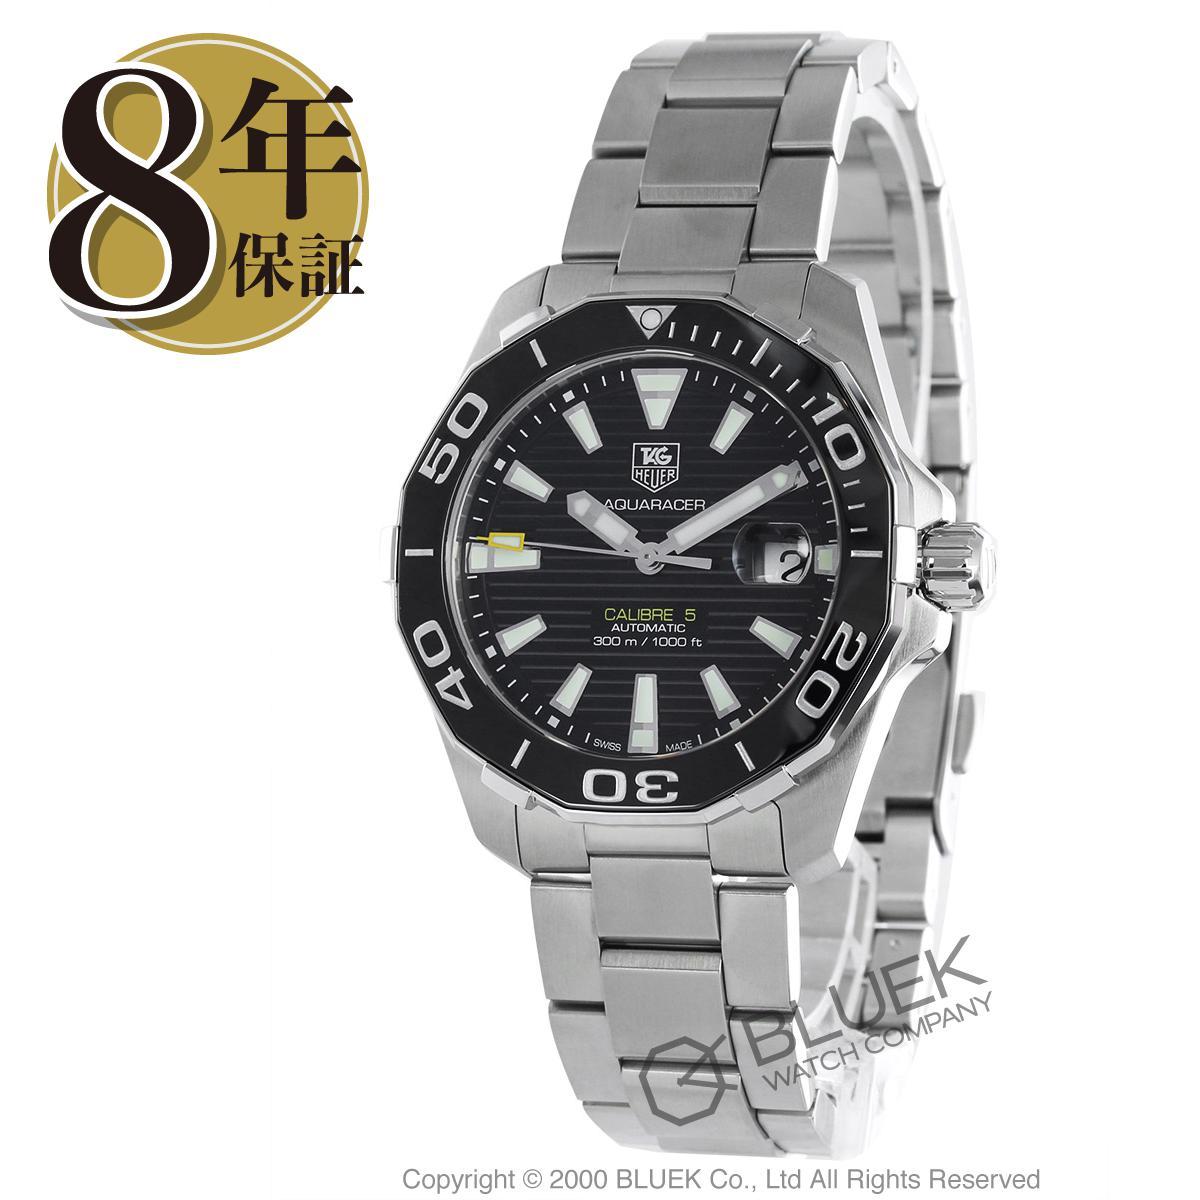 タグホイヤー アクアレーサー 300m防水 腕時計 メンズ TAG Heuer WAY211A.BA0928_8 バーゲン 成人祝い ギフト プレゼント